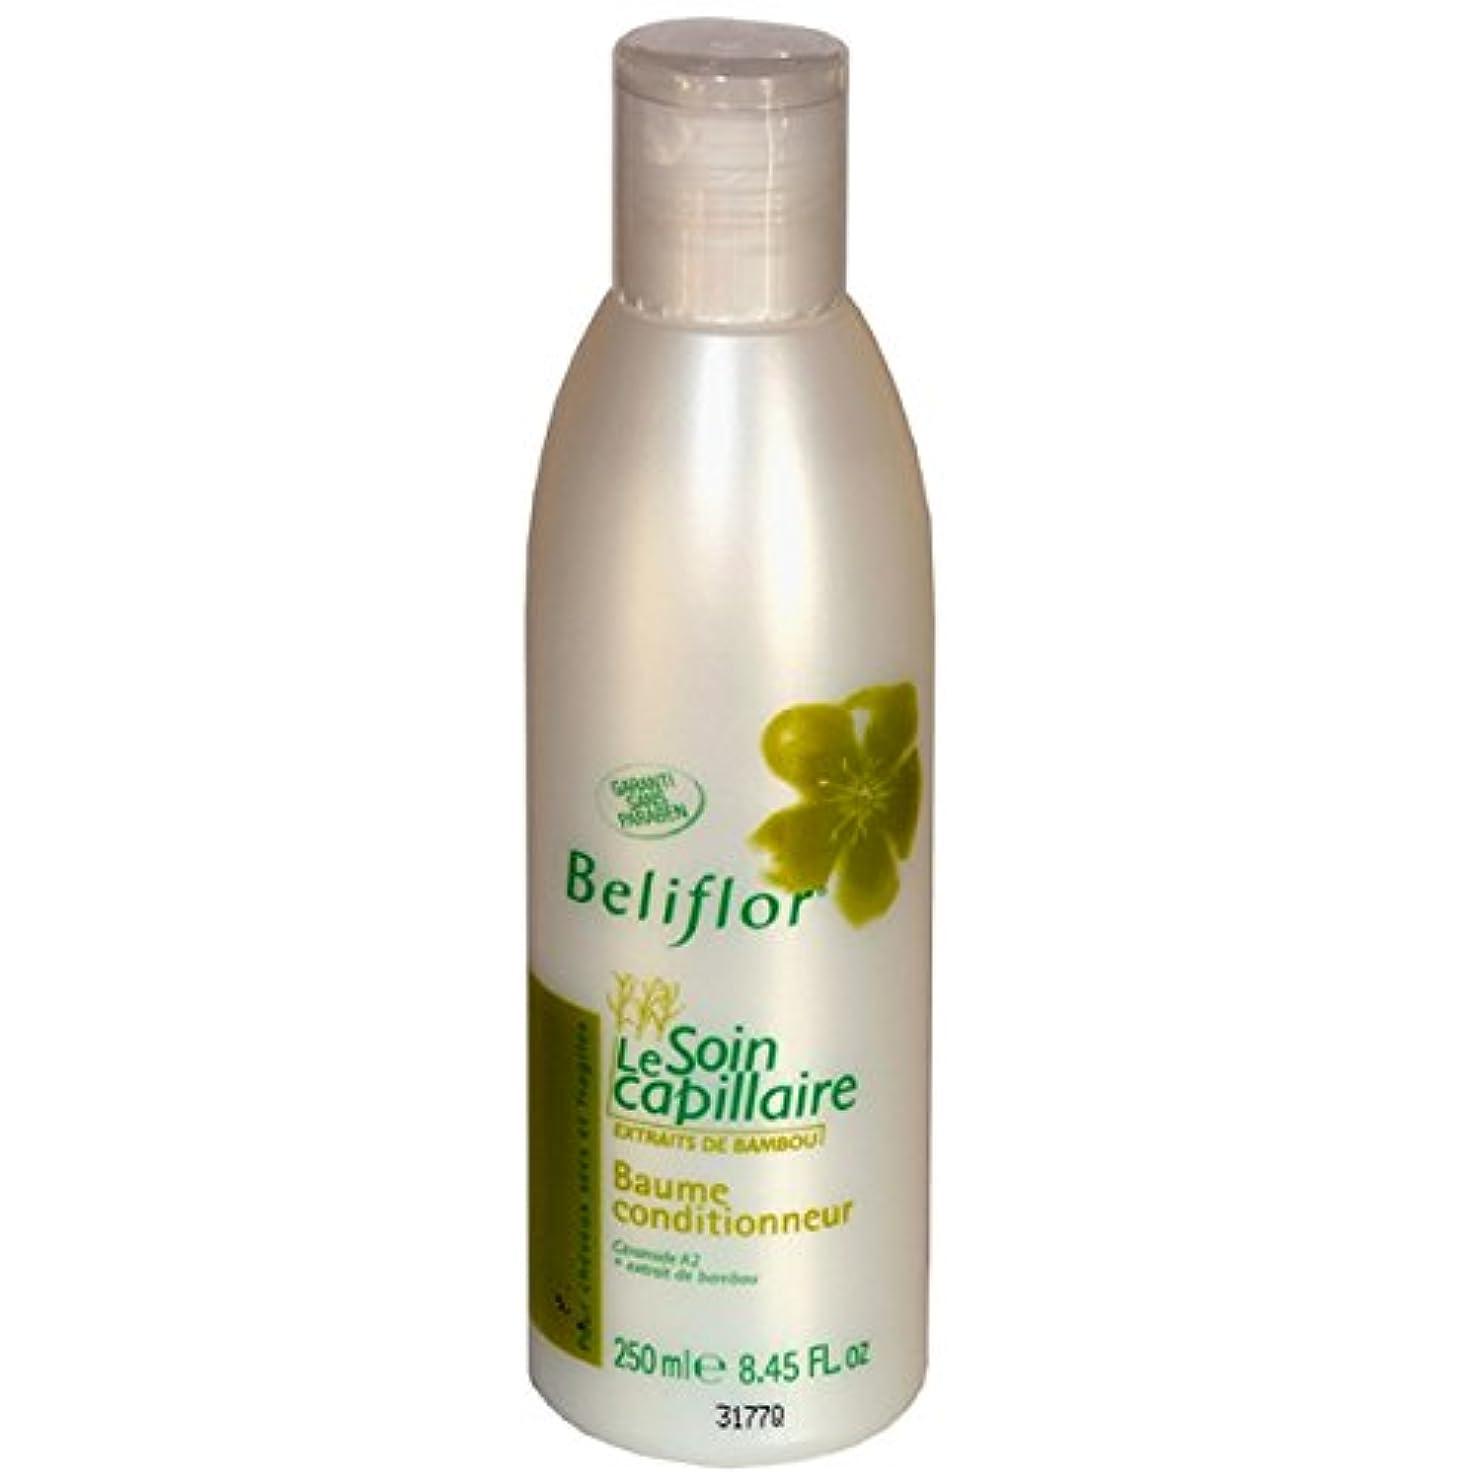 Beliflorコンディショニングバーム(250 ml)